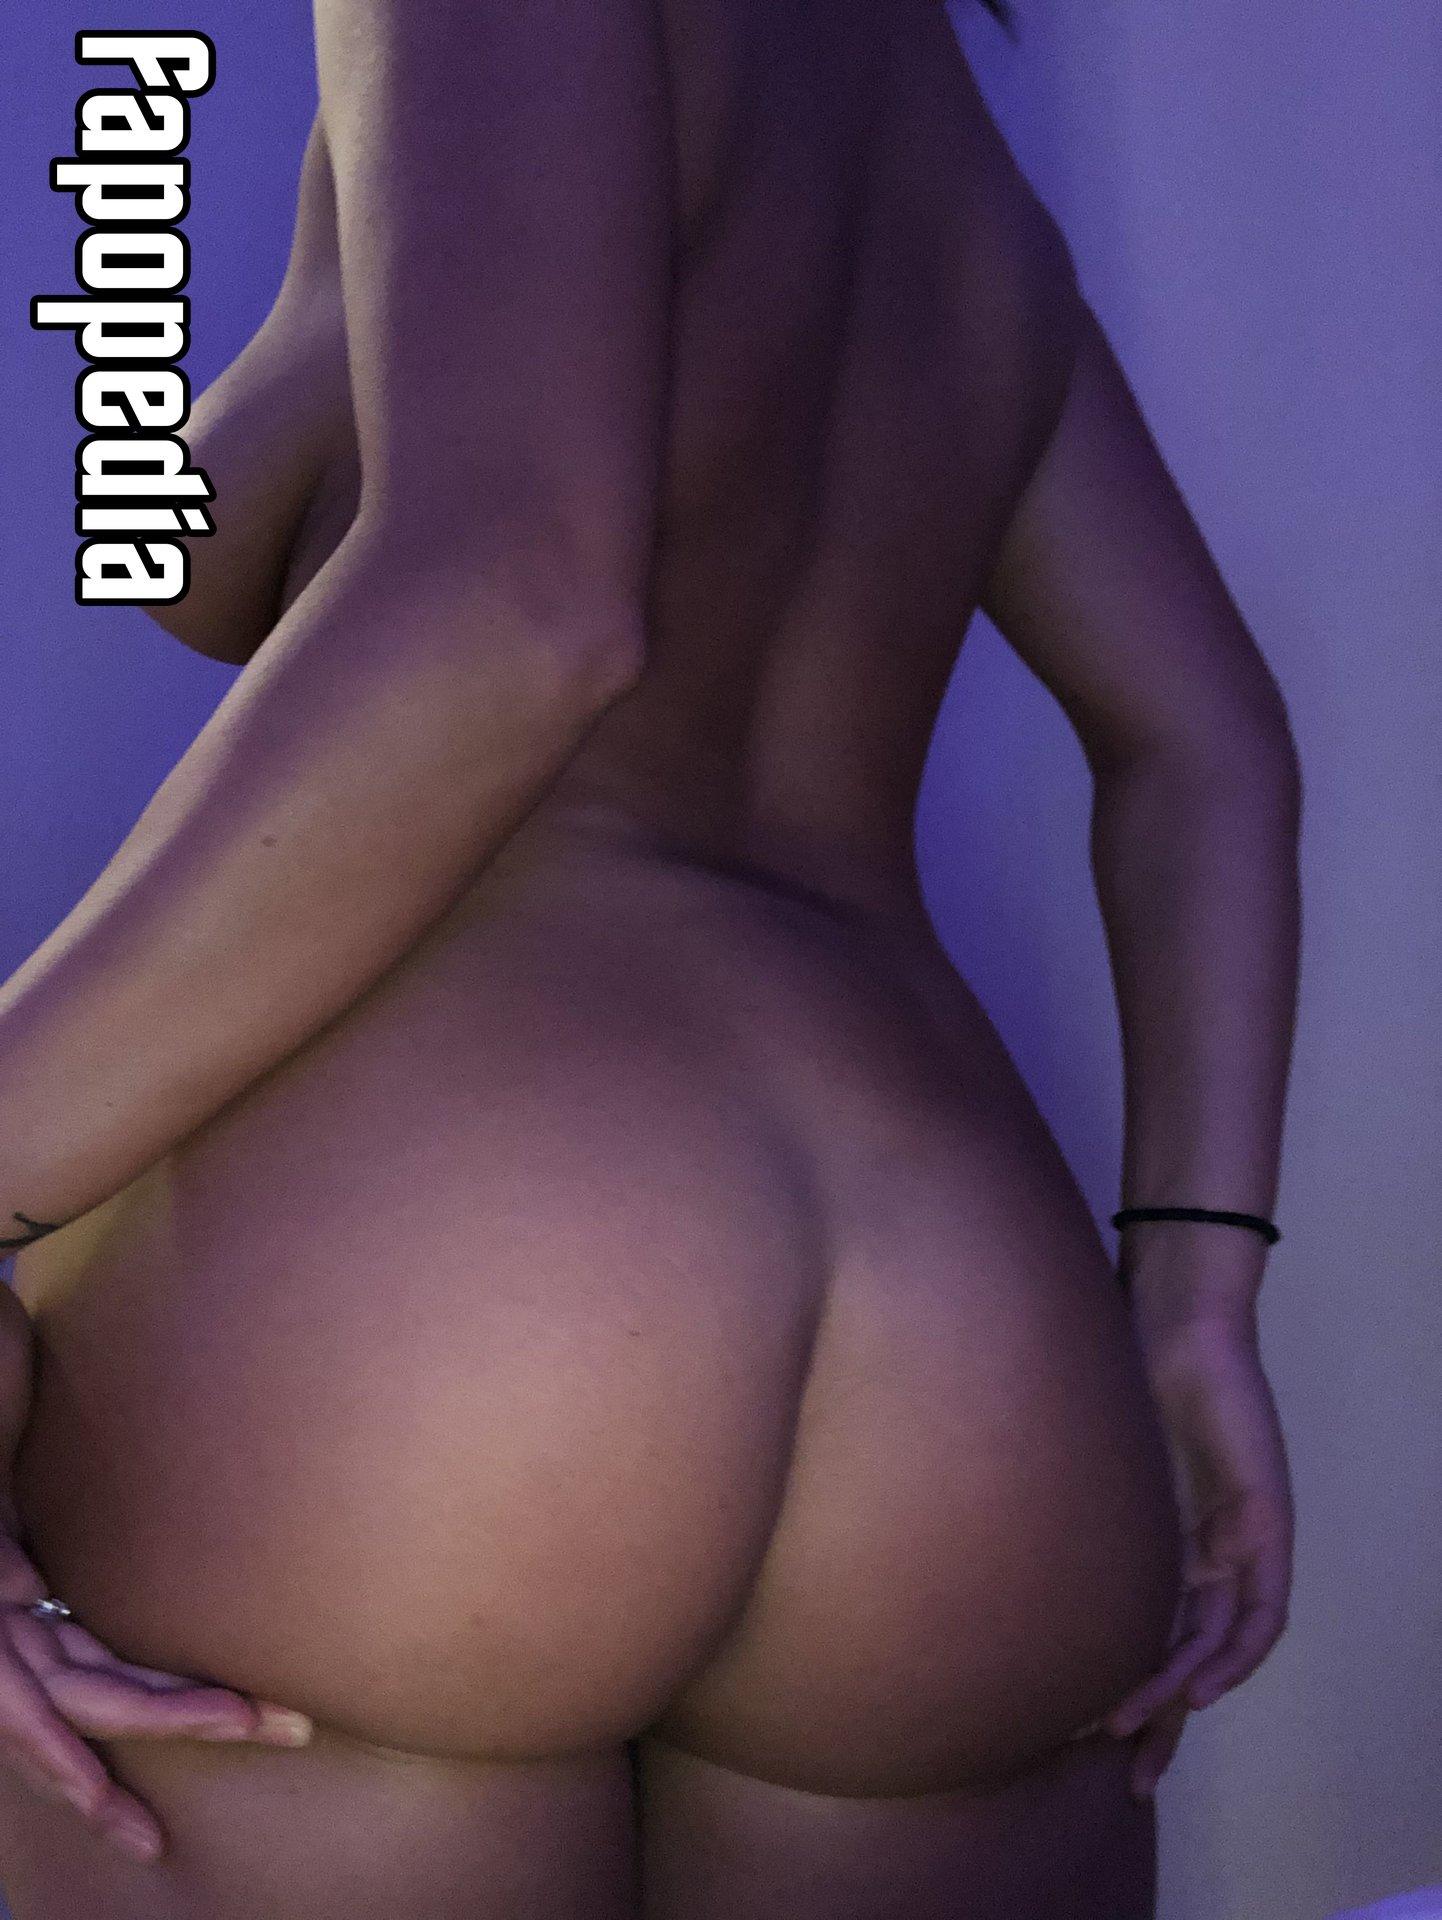 Zaeangel Nude OnlyFans Leaks